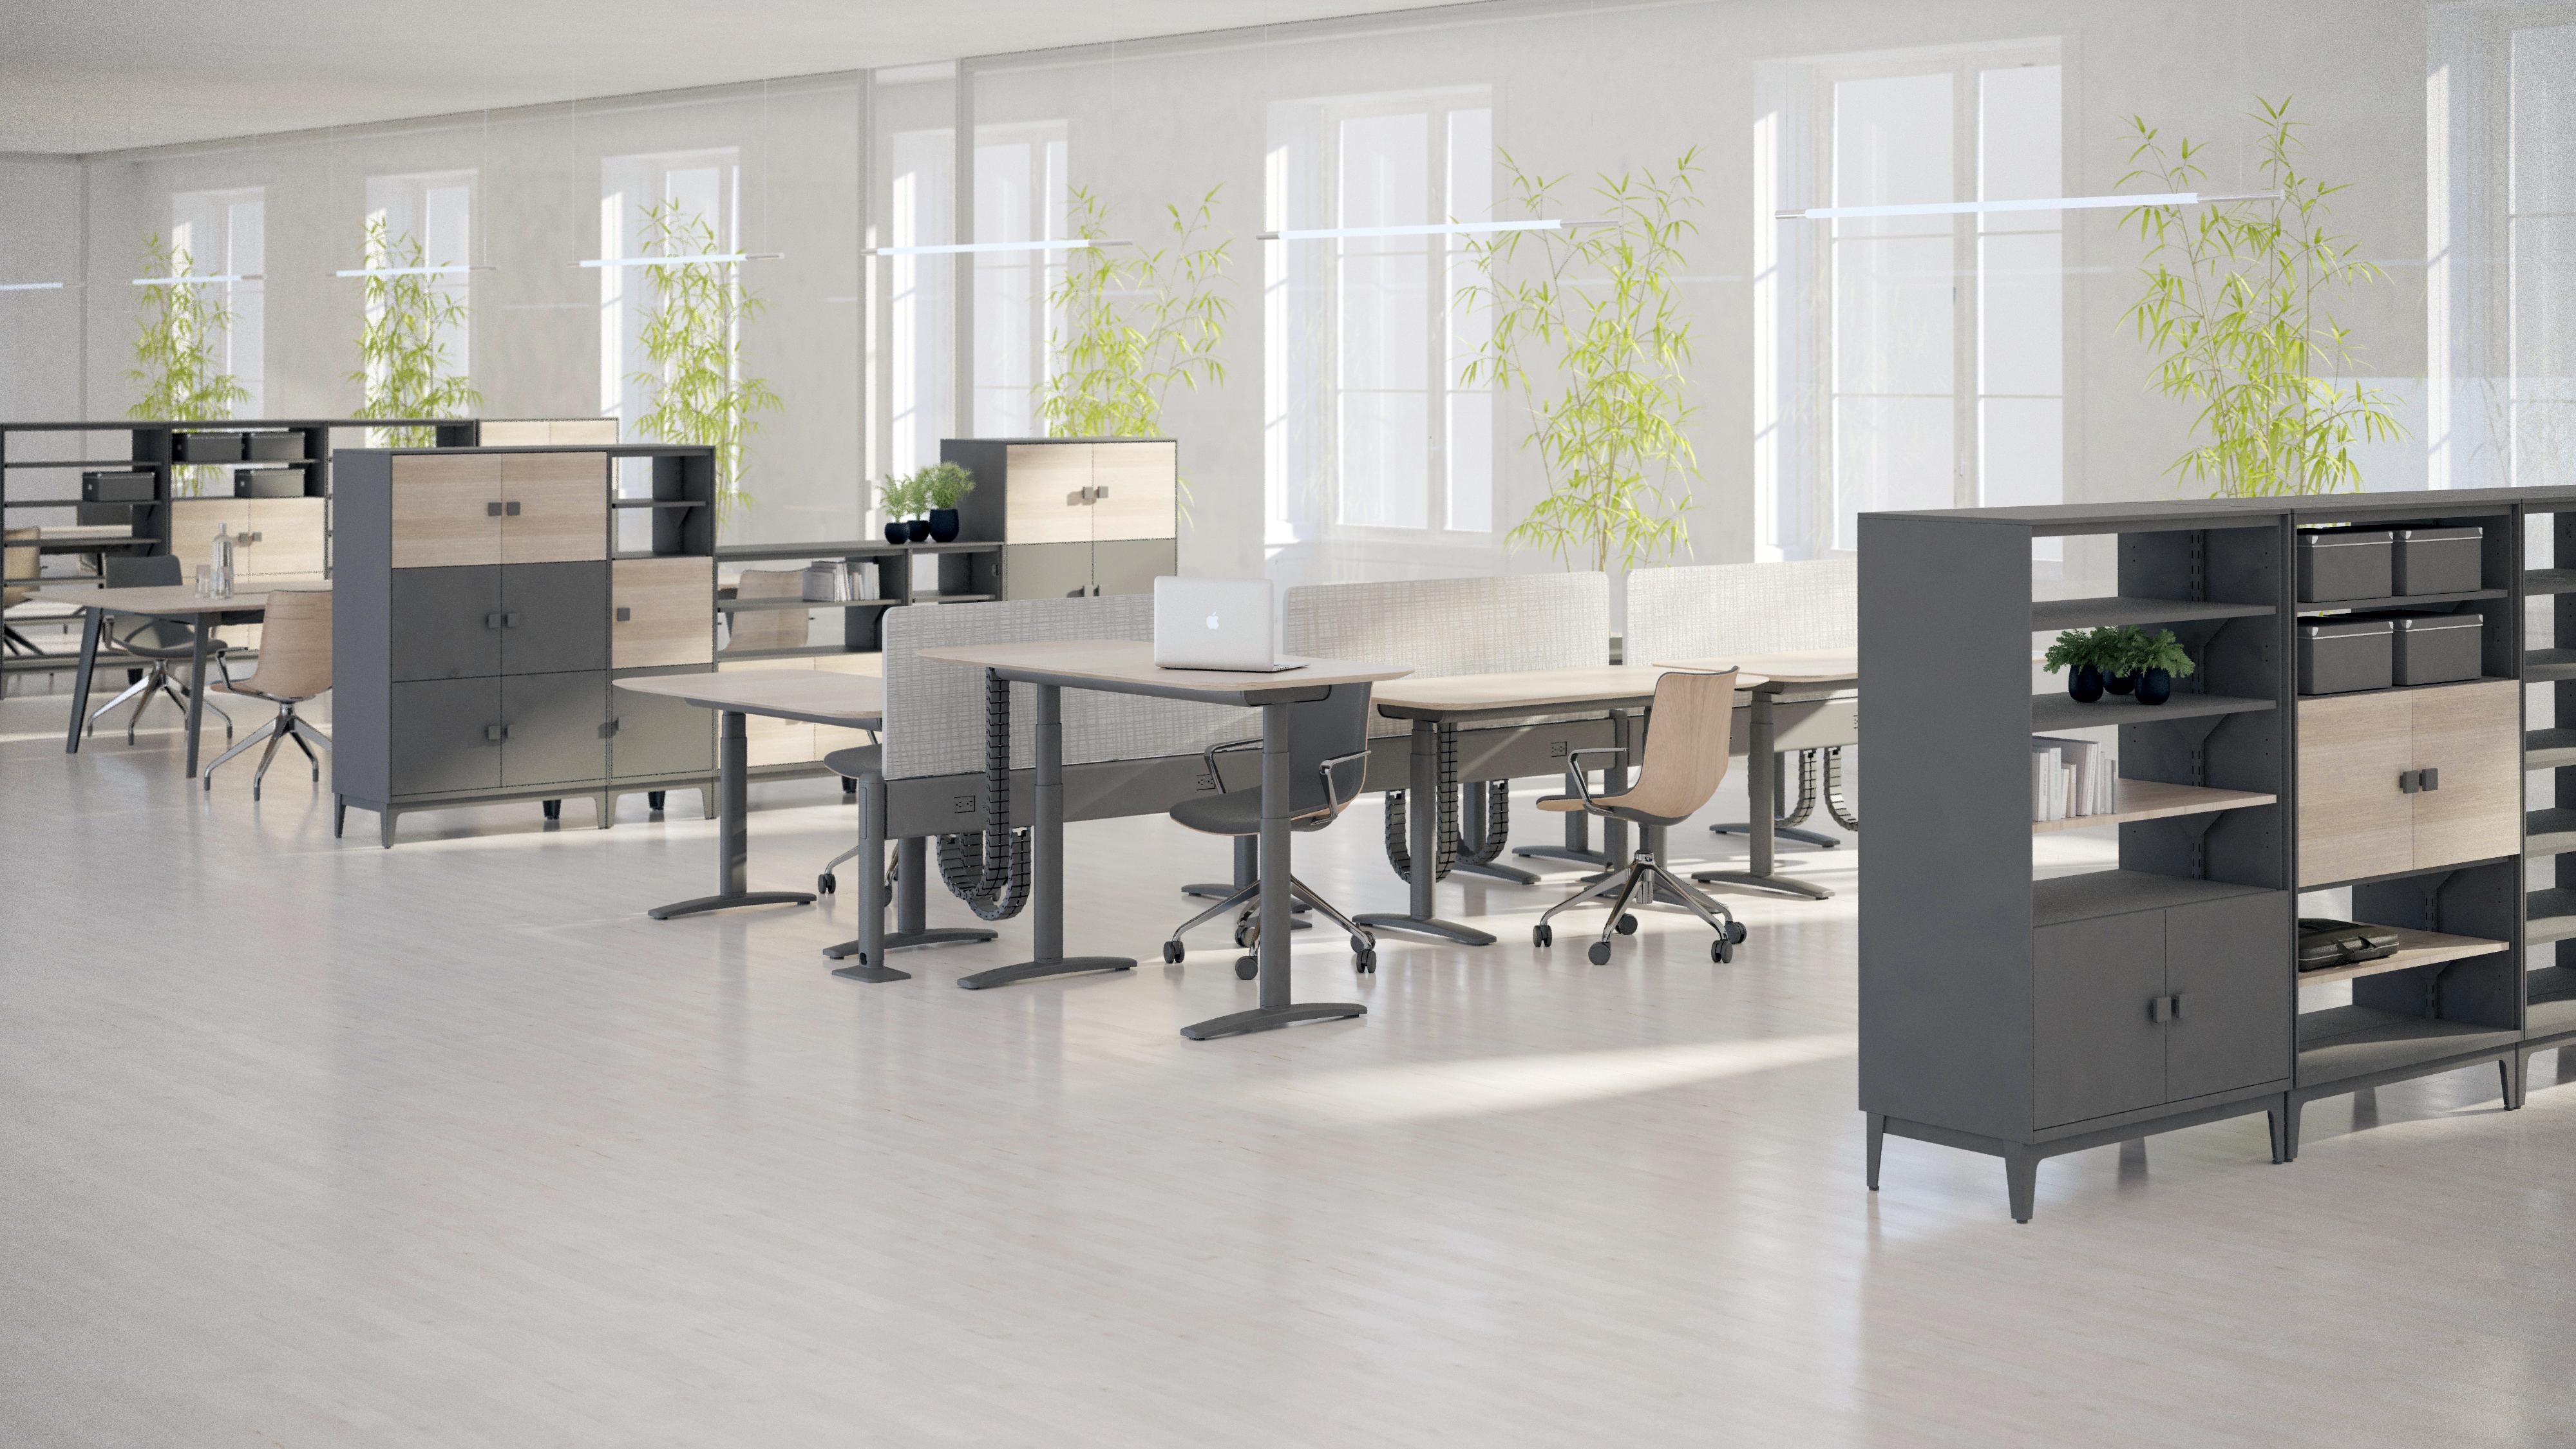 怪不得国外企业都用电动升降桌子办公!